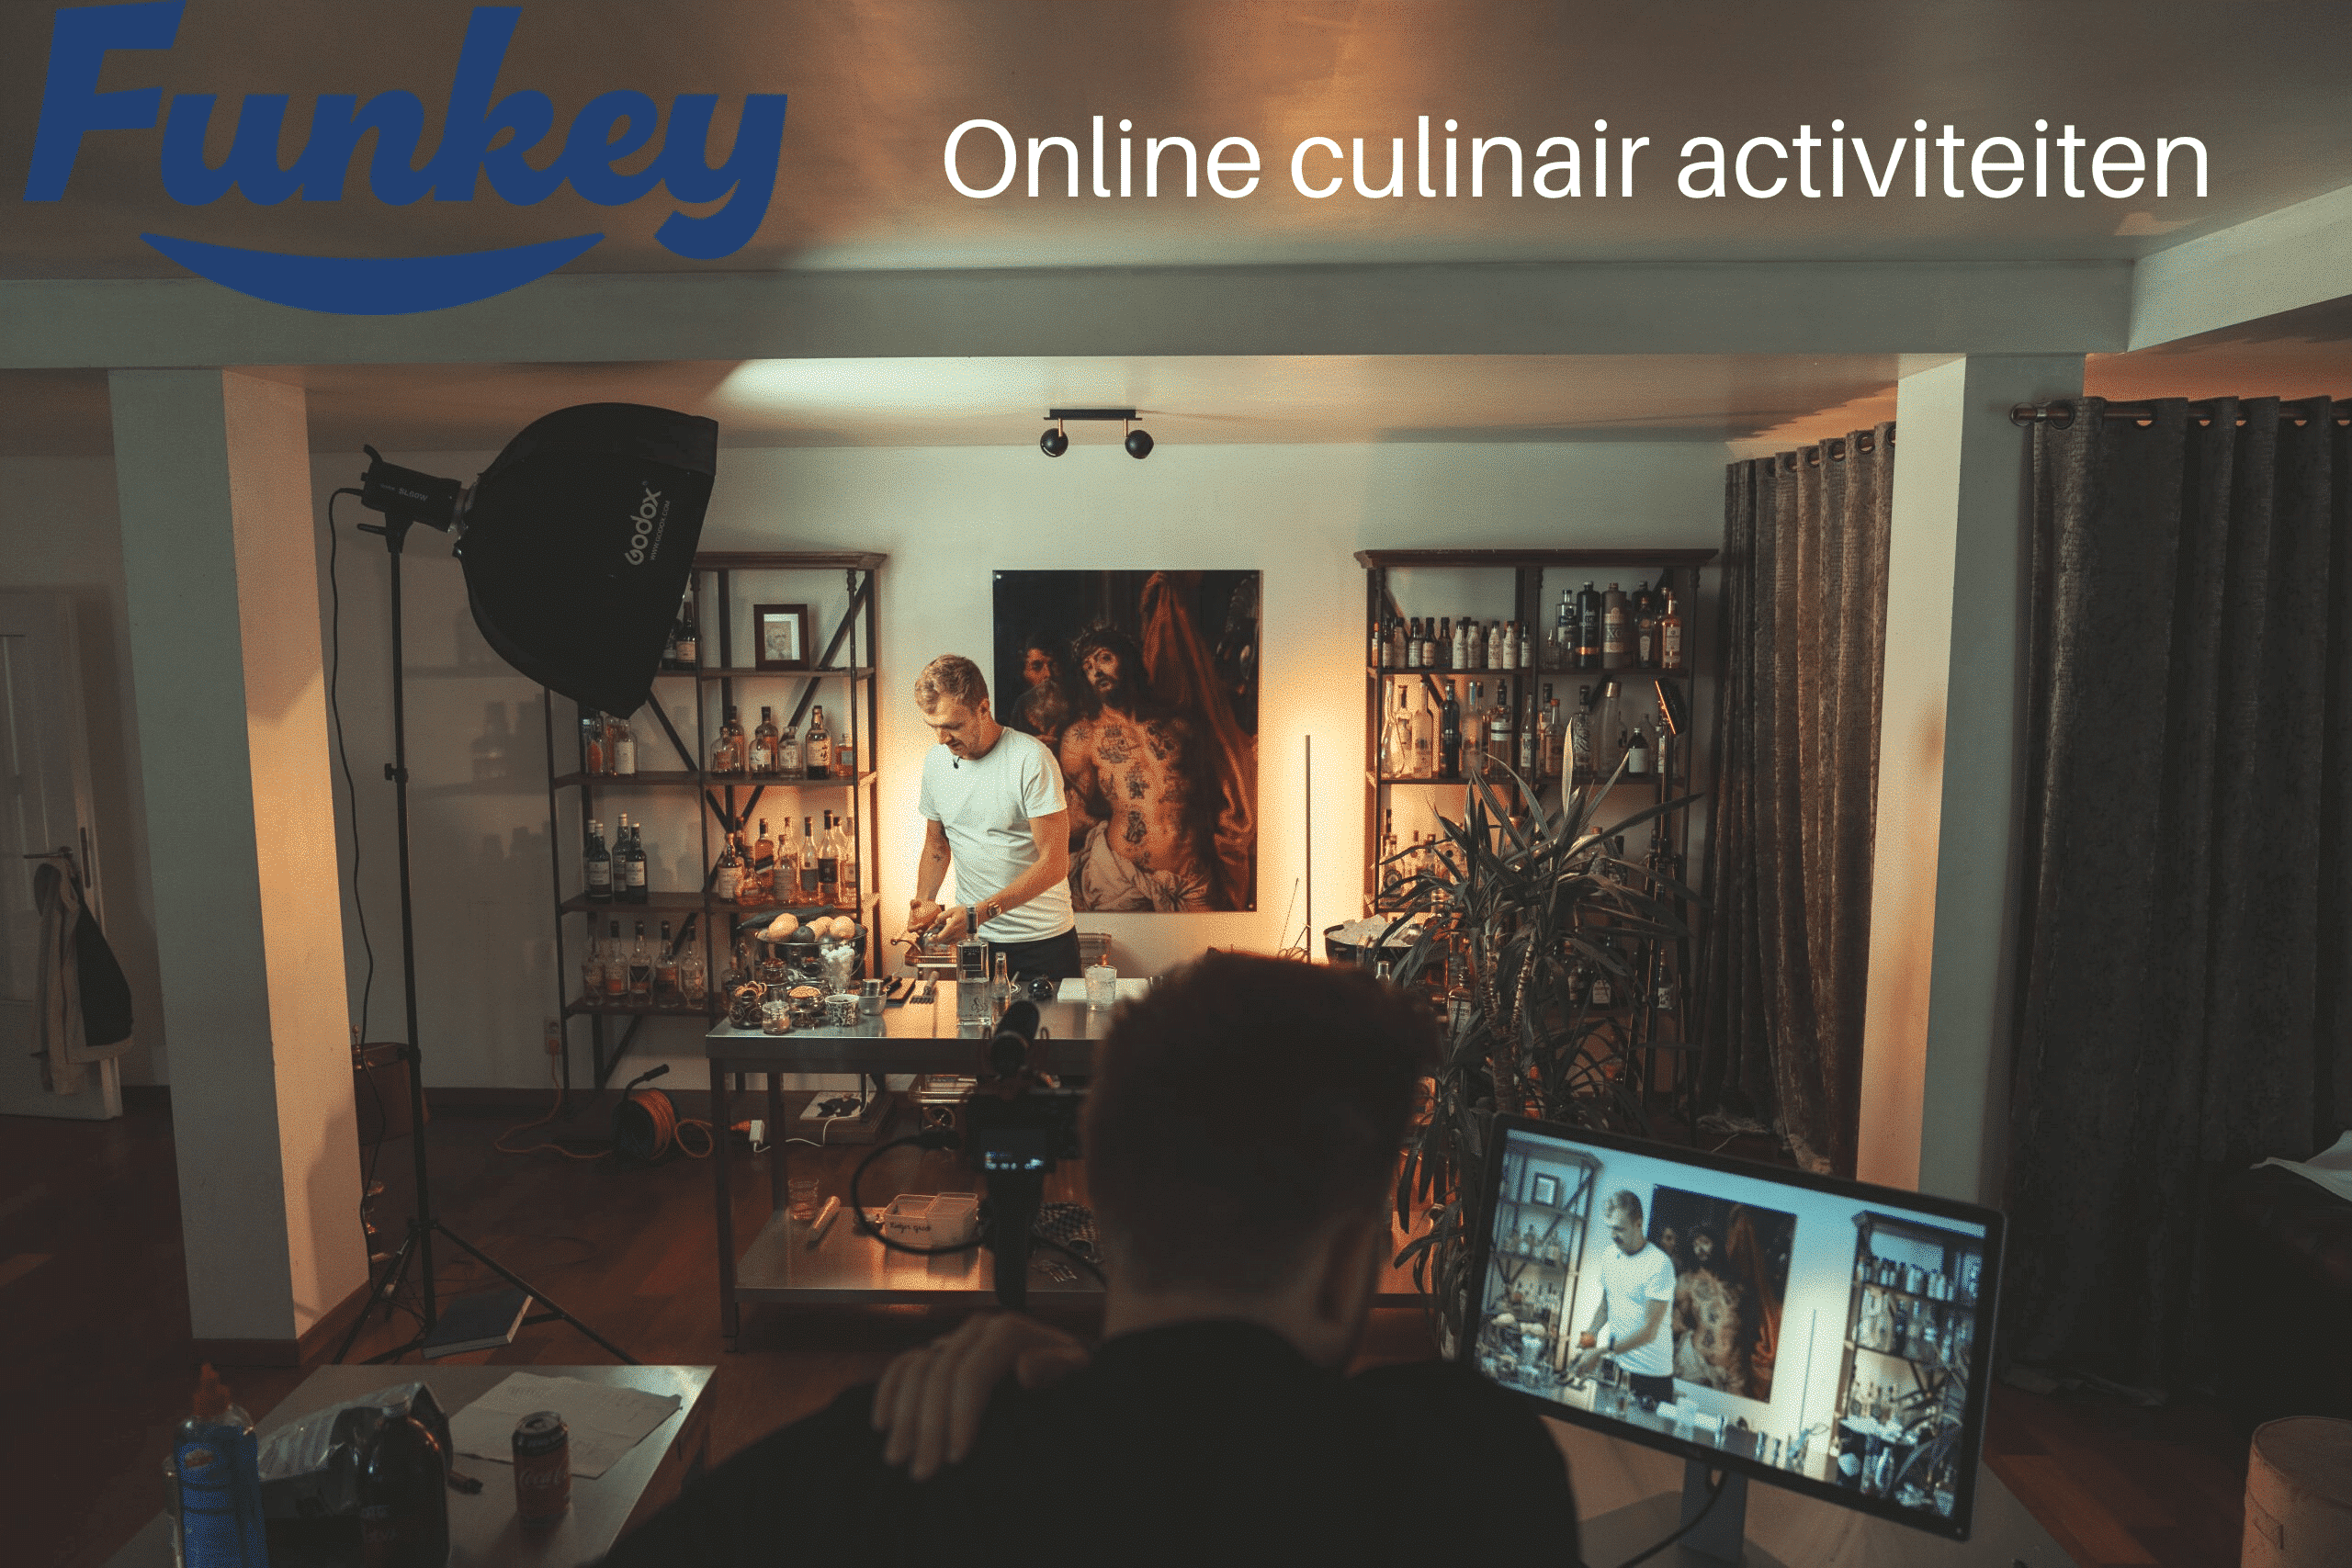 Culinaire online activiteiten